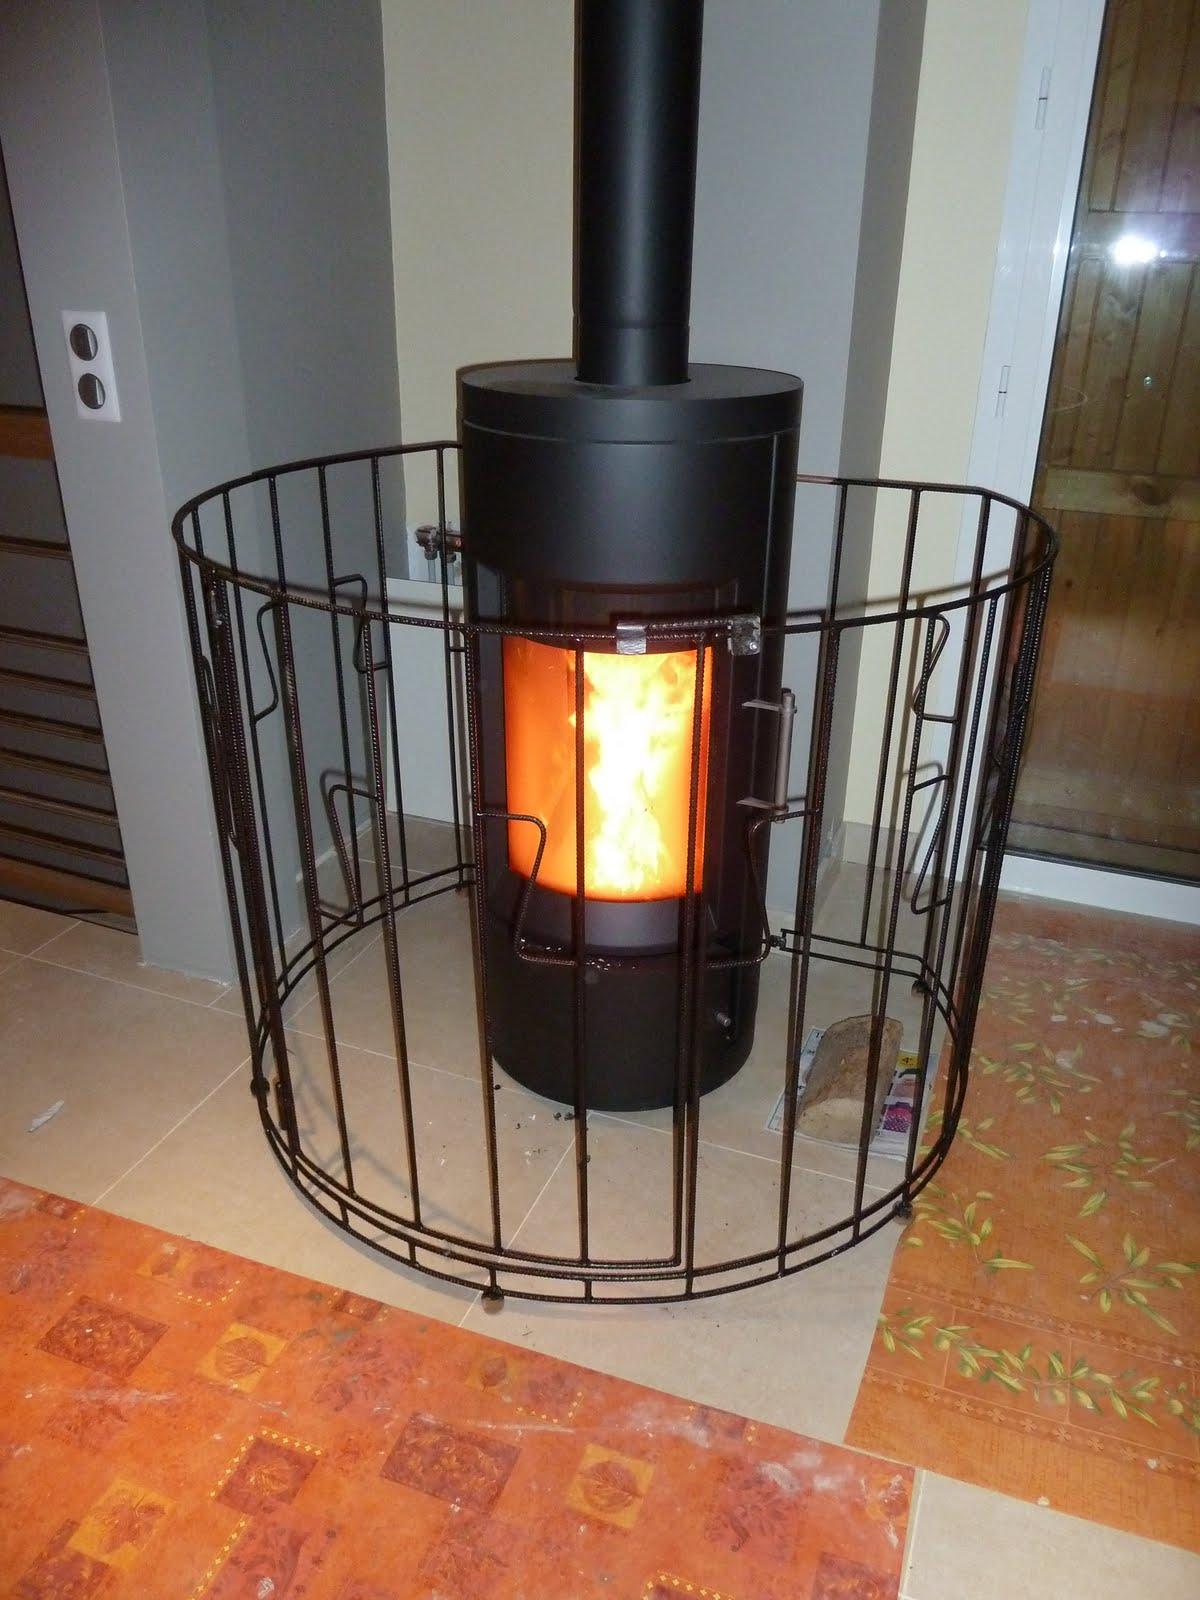 grille de protection pour poele a bois trouvez le meilleur prix sur voir avant d 39 acheter. Black Bedroom Furniture Sets. Home Design Ideas